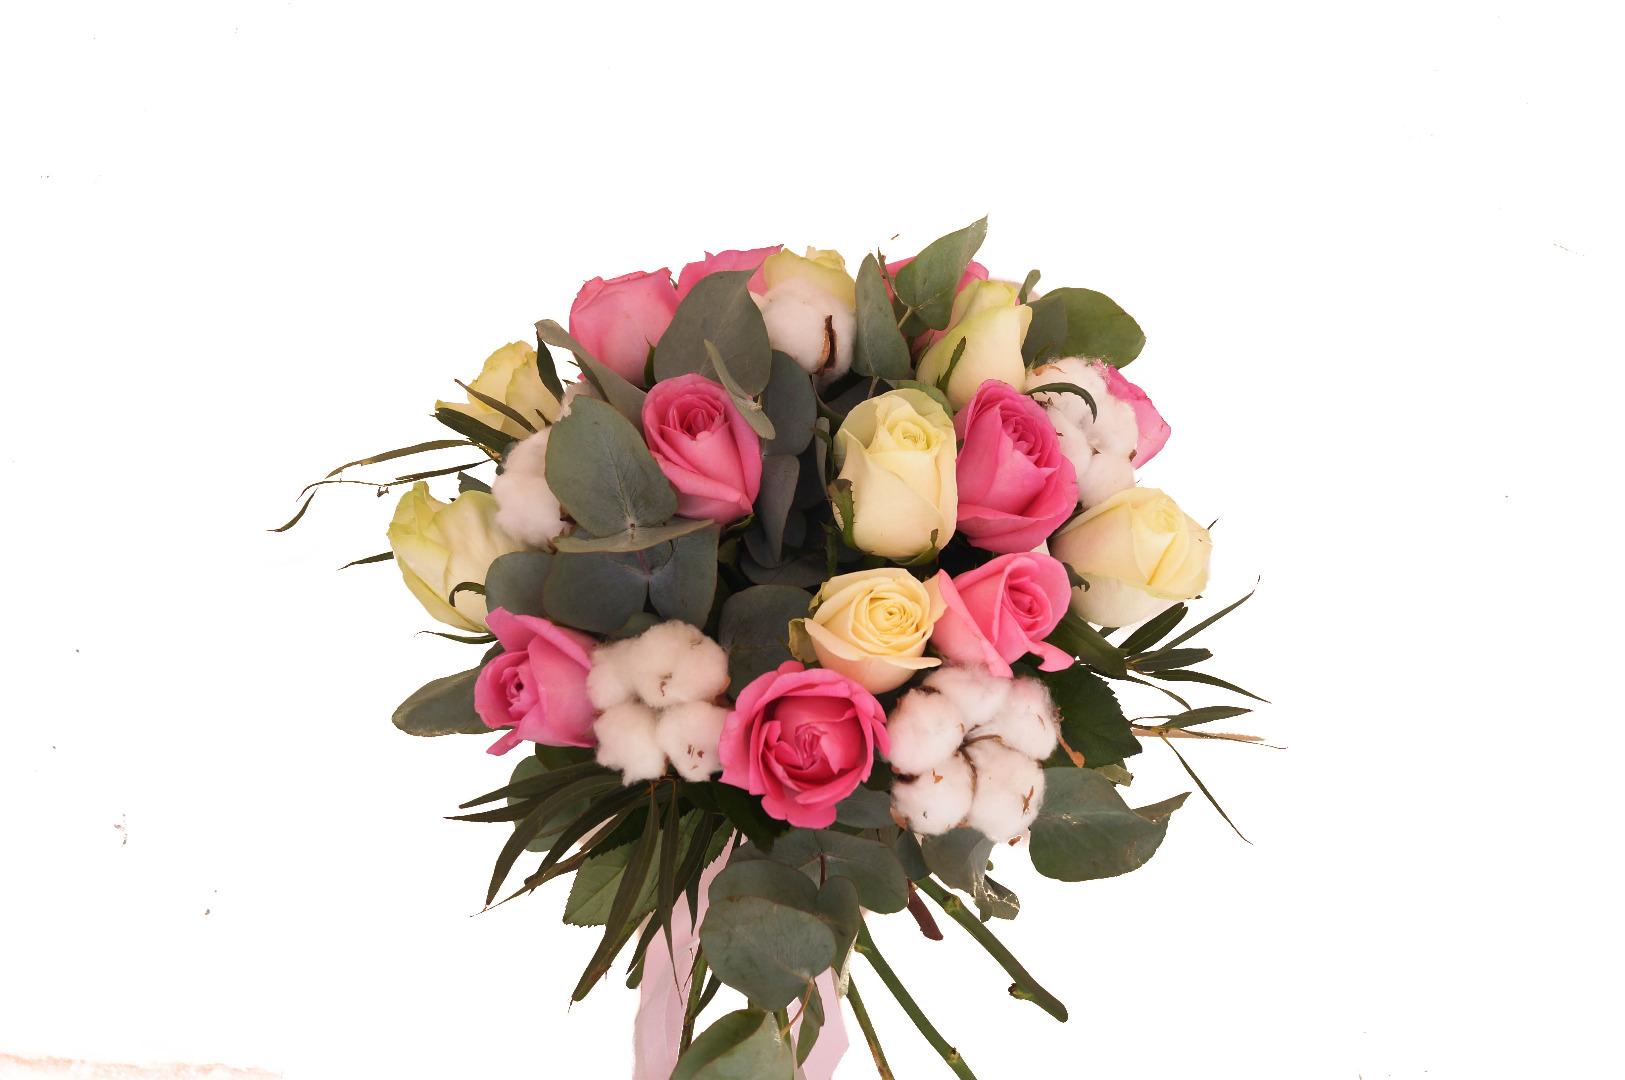 Необычные букеты заказать челябинск, цветов